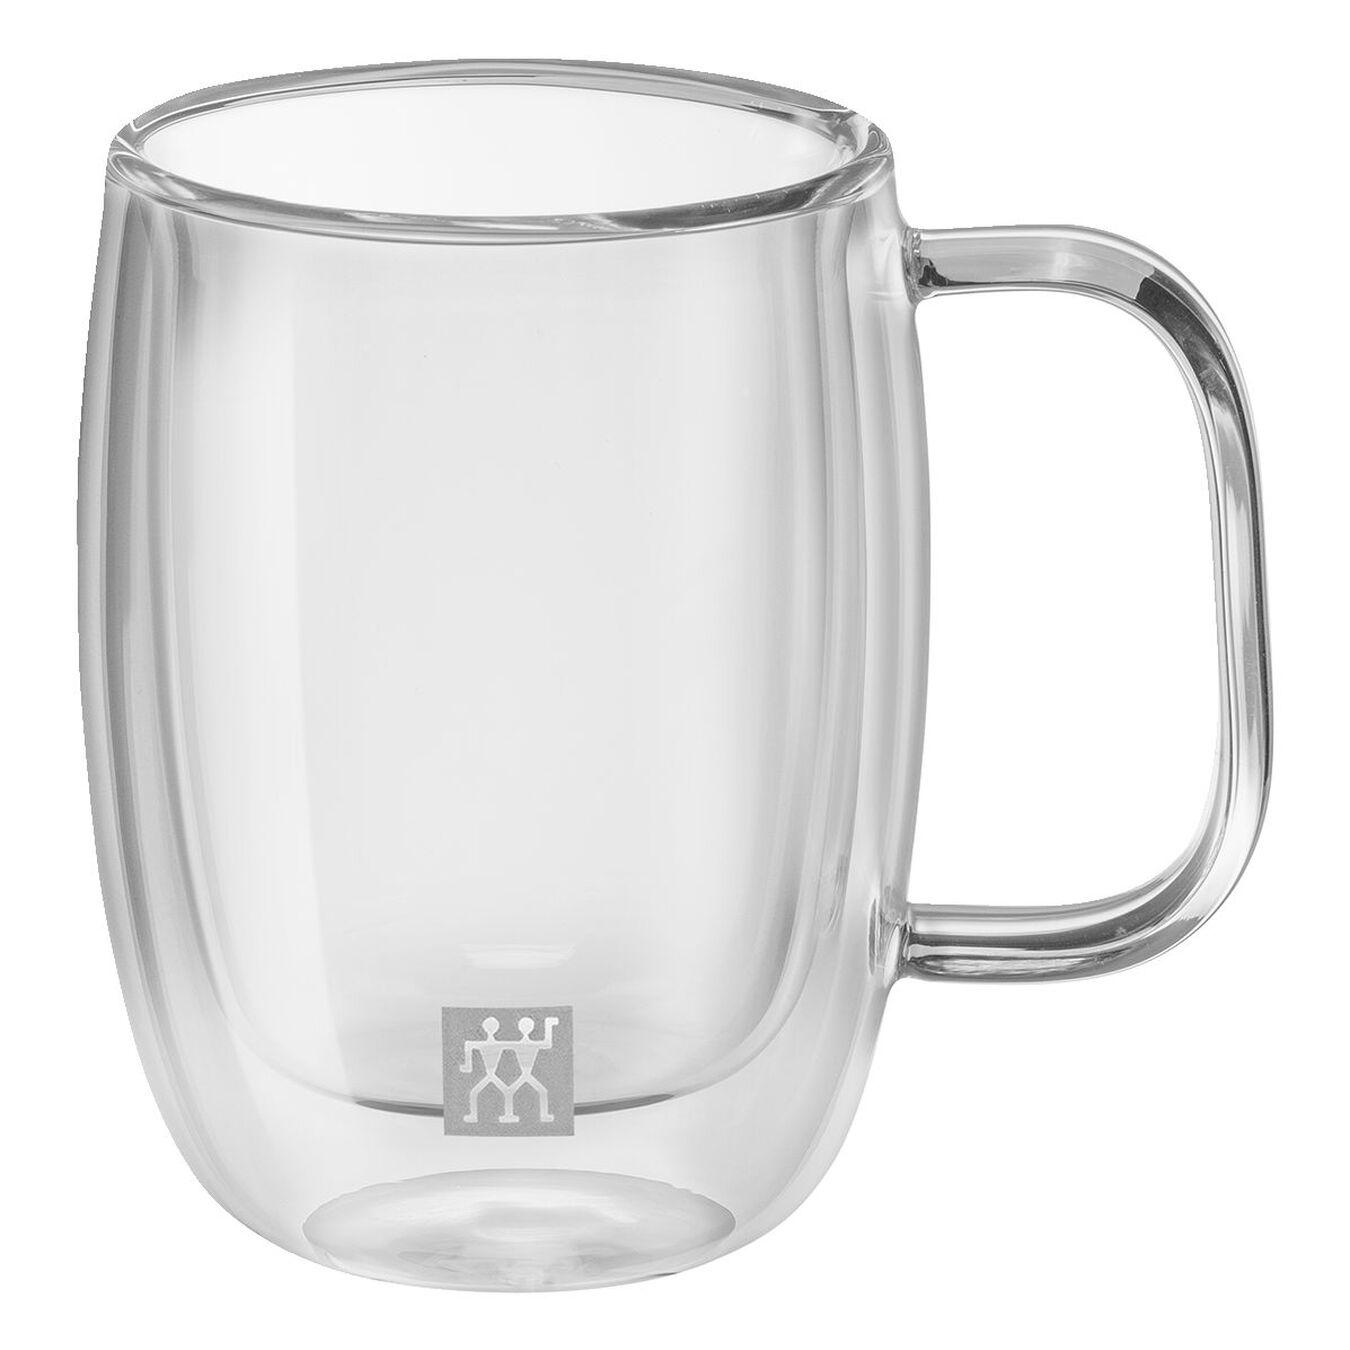 Set di bicchierini da caffè - 2-pz., vetro borosilicato,,large 1